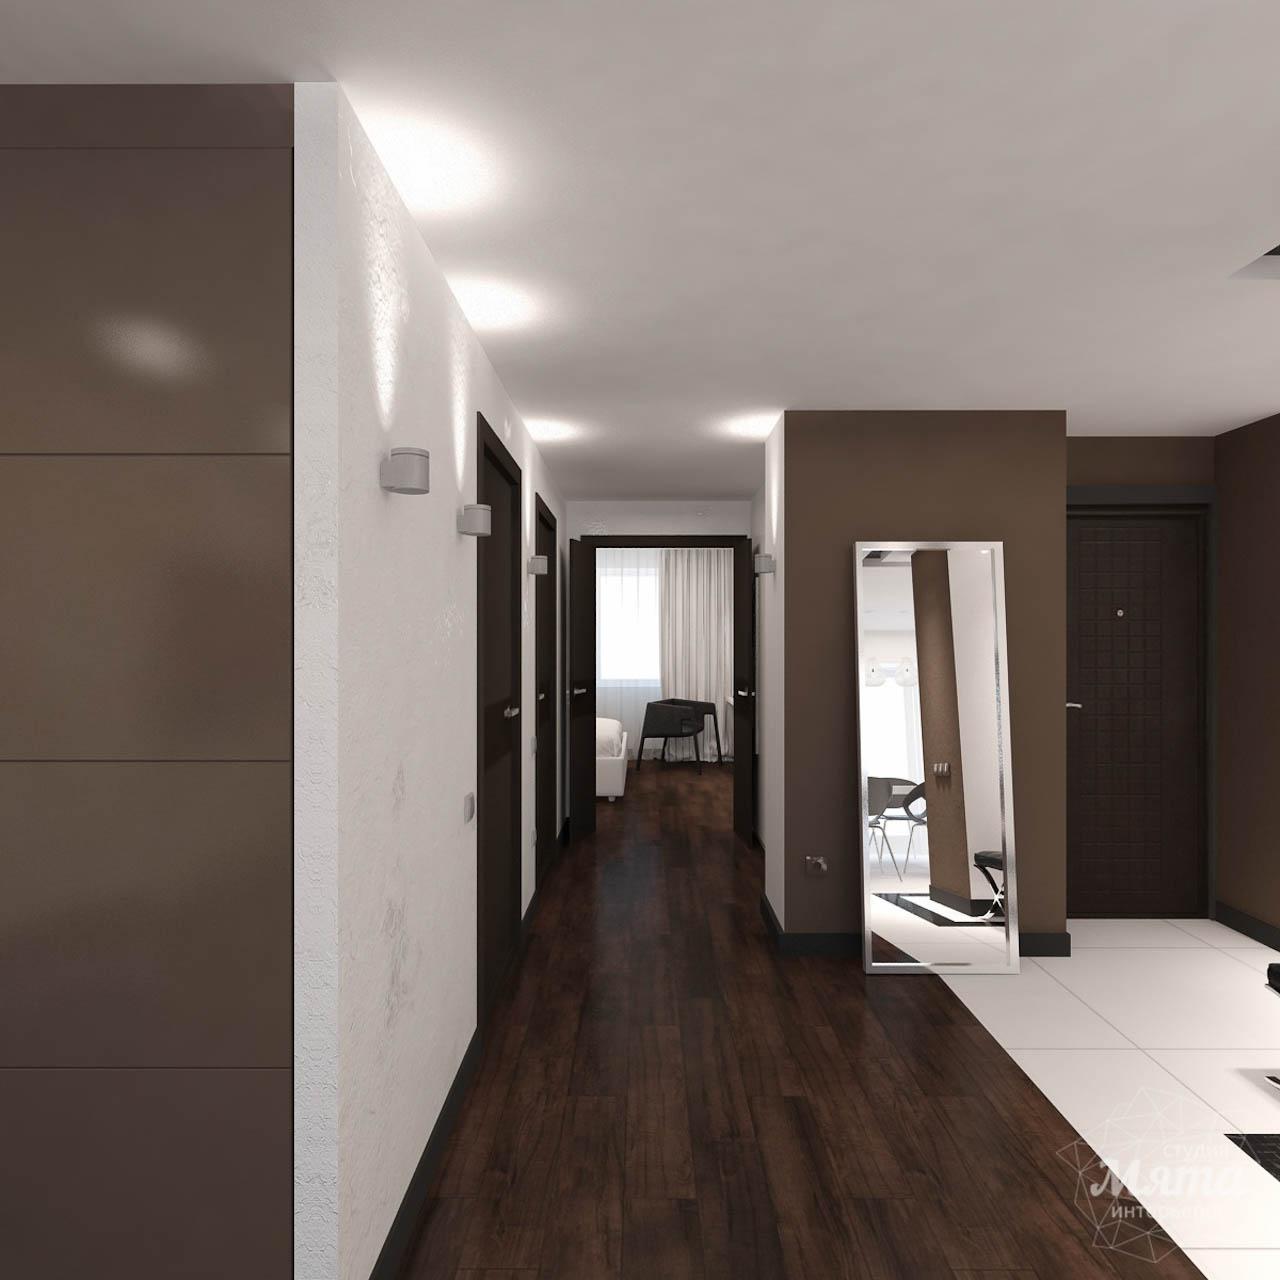 Дизайн интерьера однокомнатной квартиры по ул. Гагарина 27 img444567955